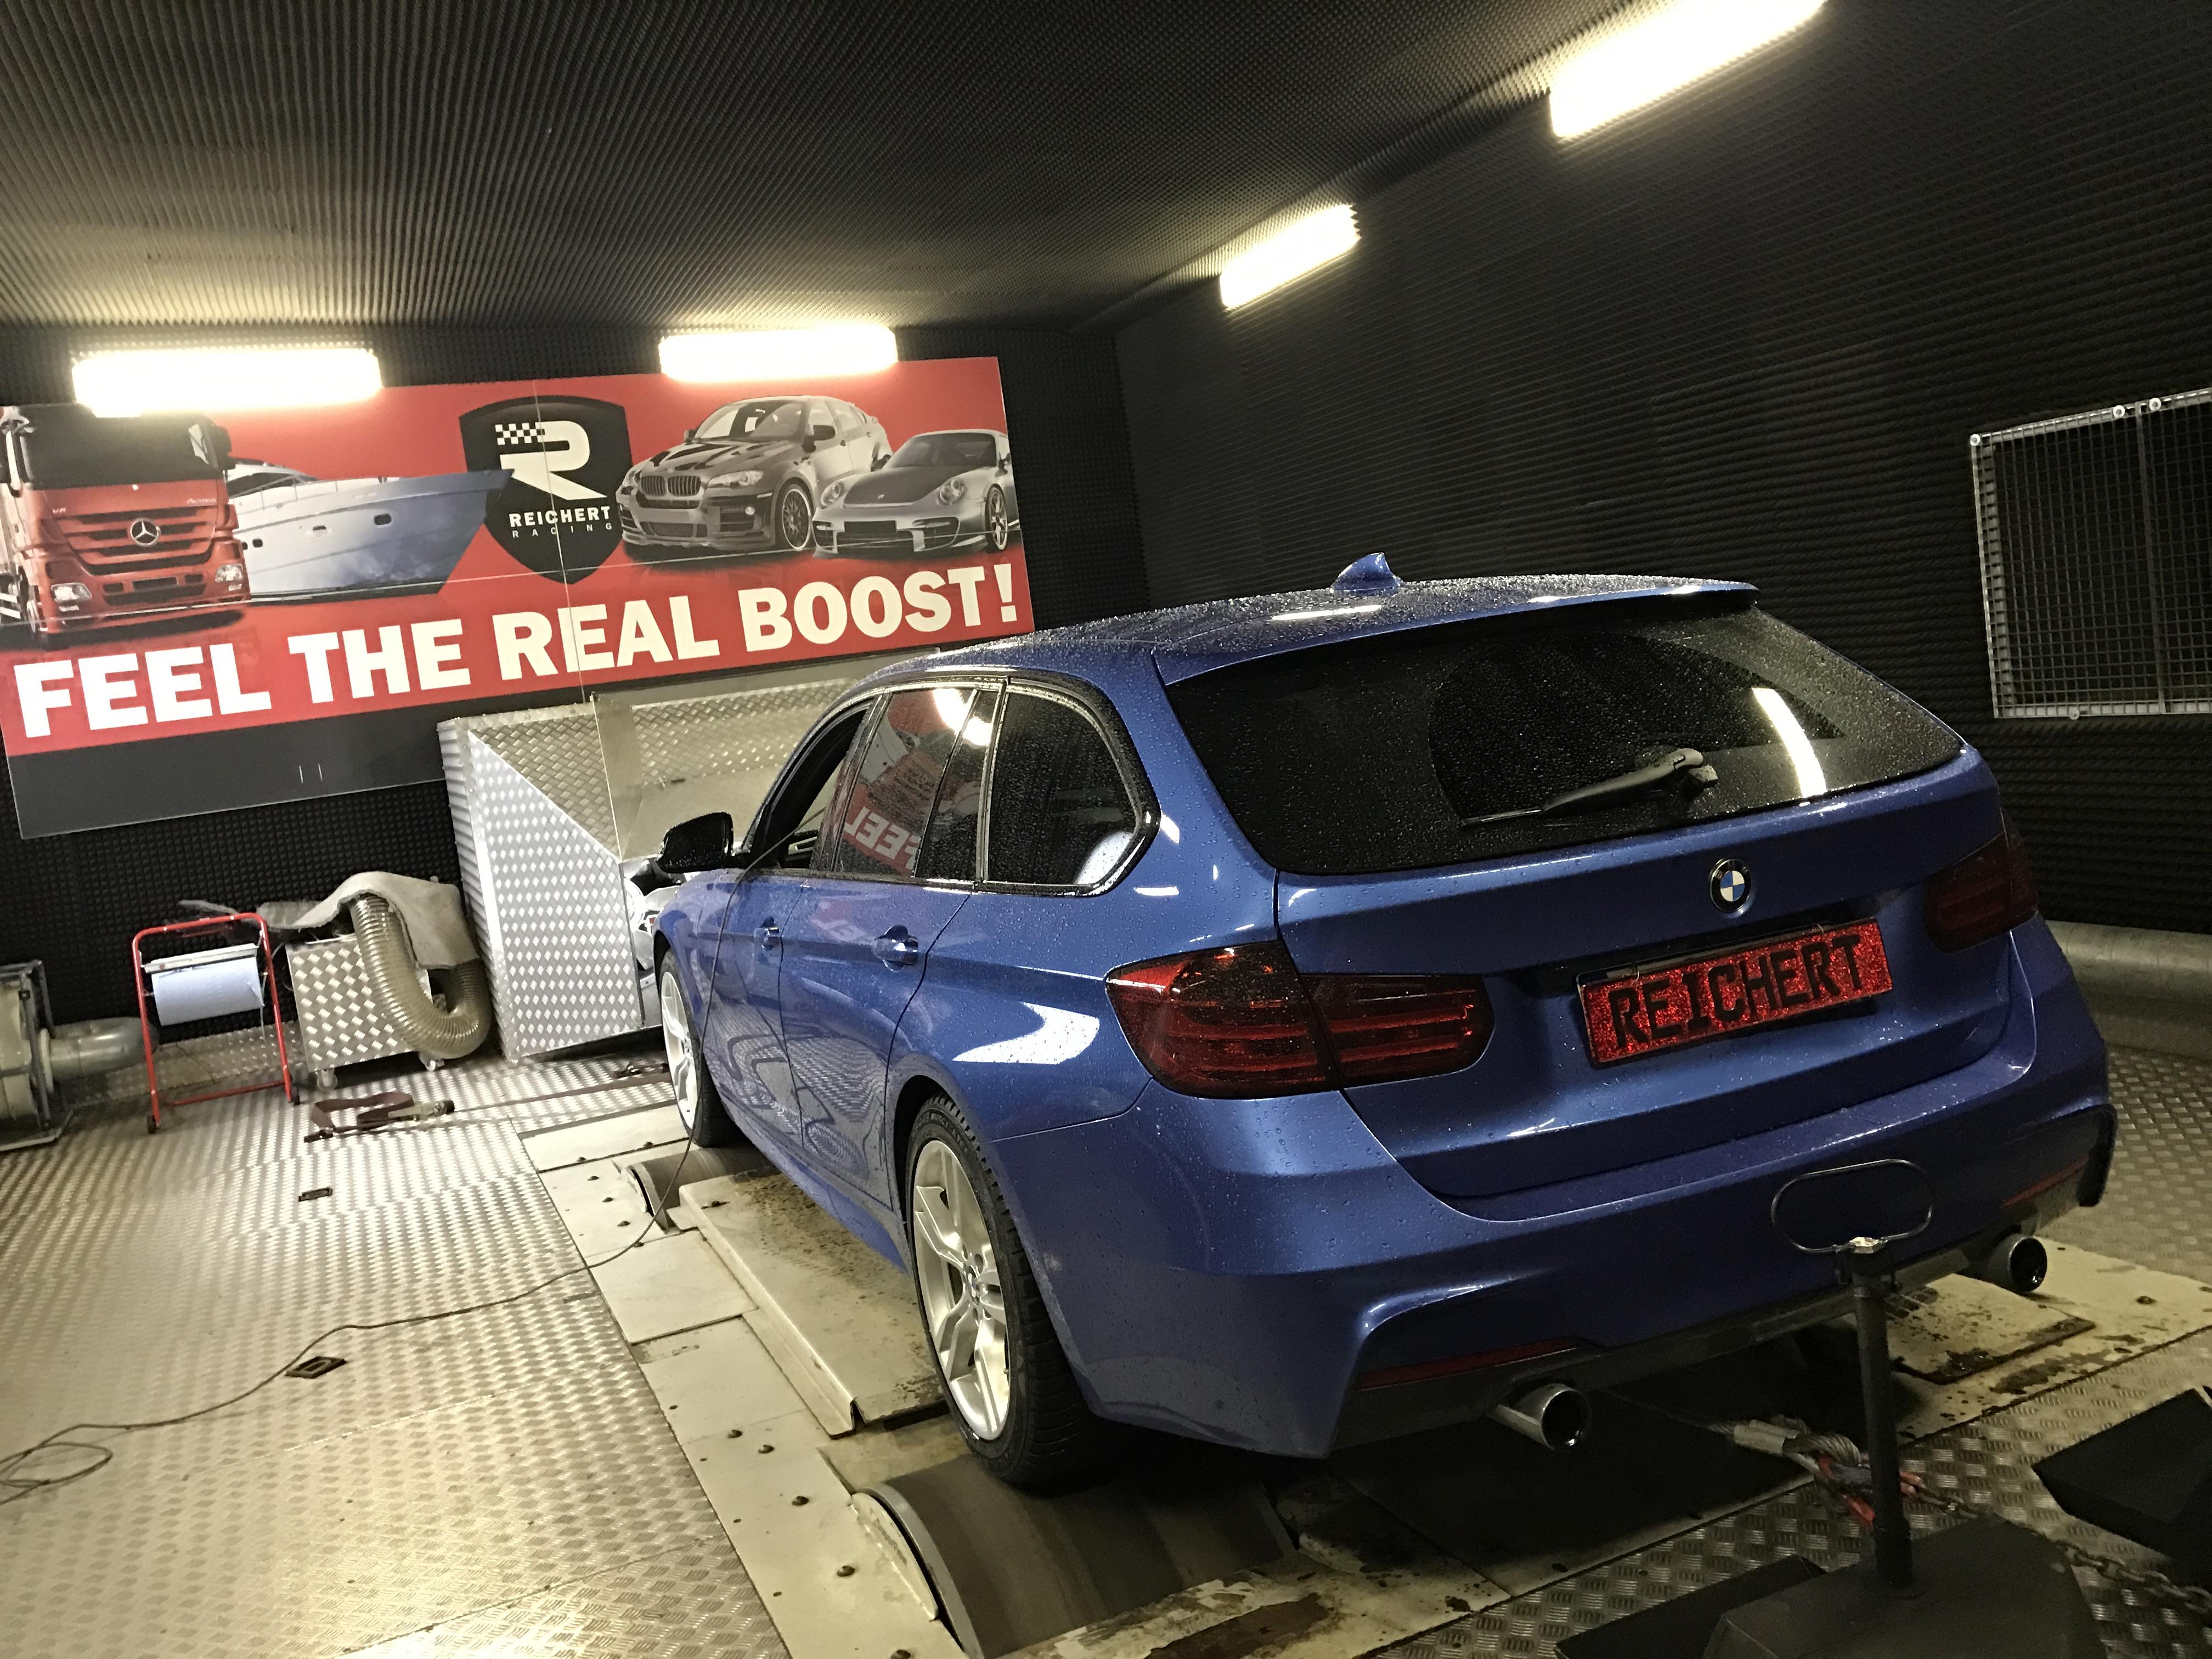 BMW CHIPTUNING BEI REICHERT RACING Reichert Racing